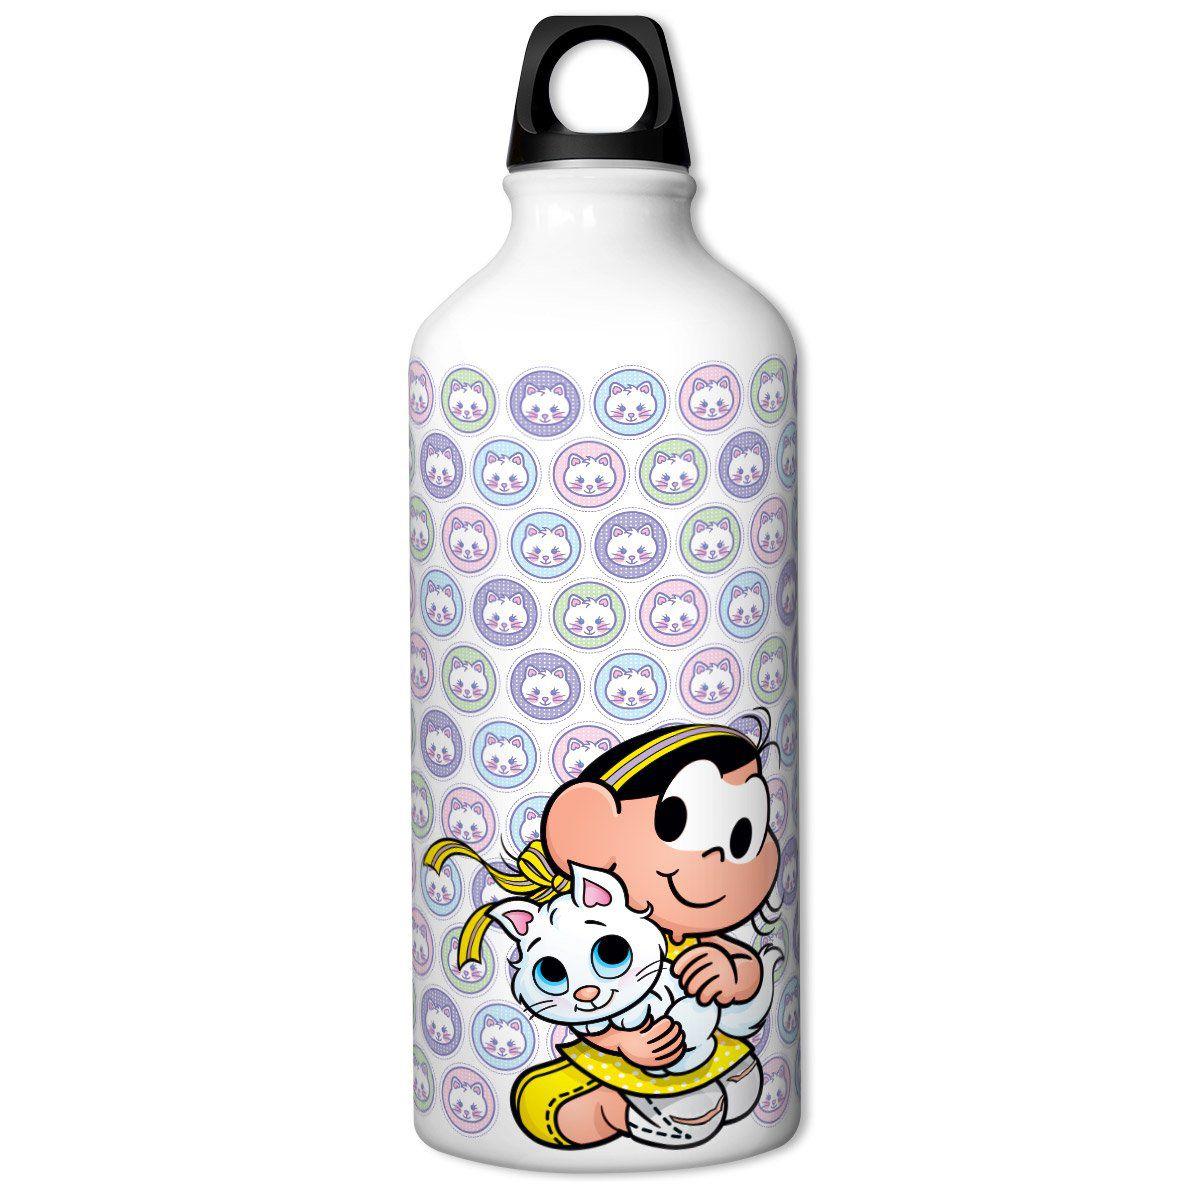 Squeeze Turma da Mônica Kids - Magali Little Pet